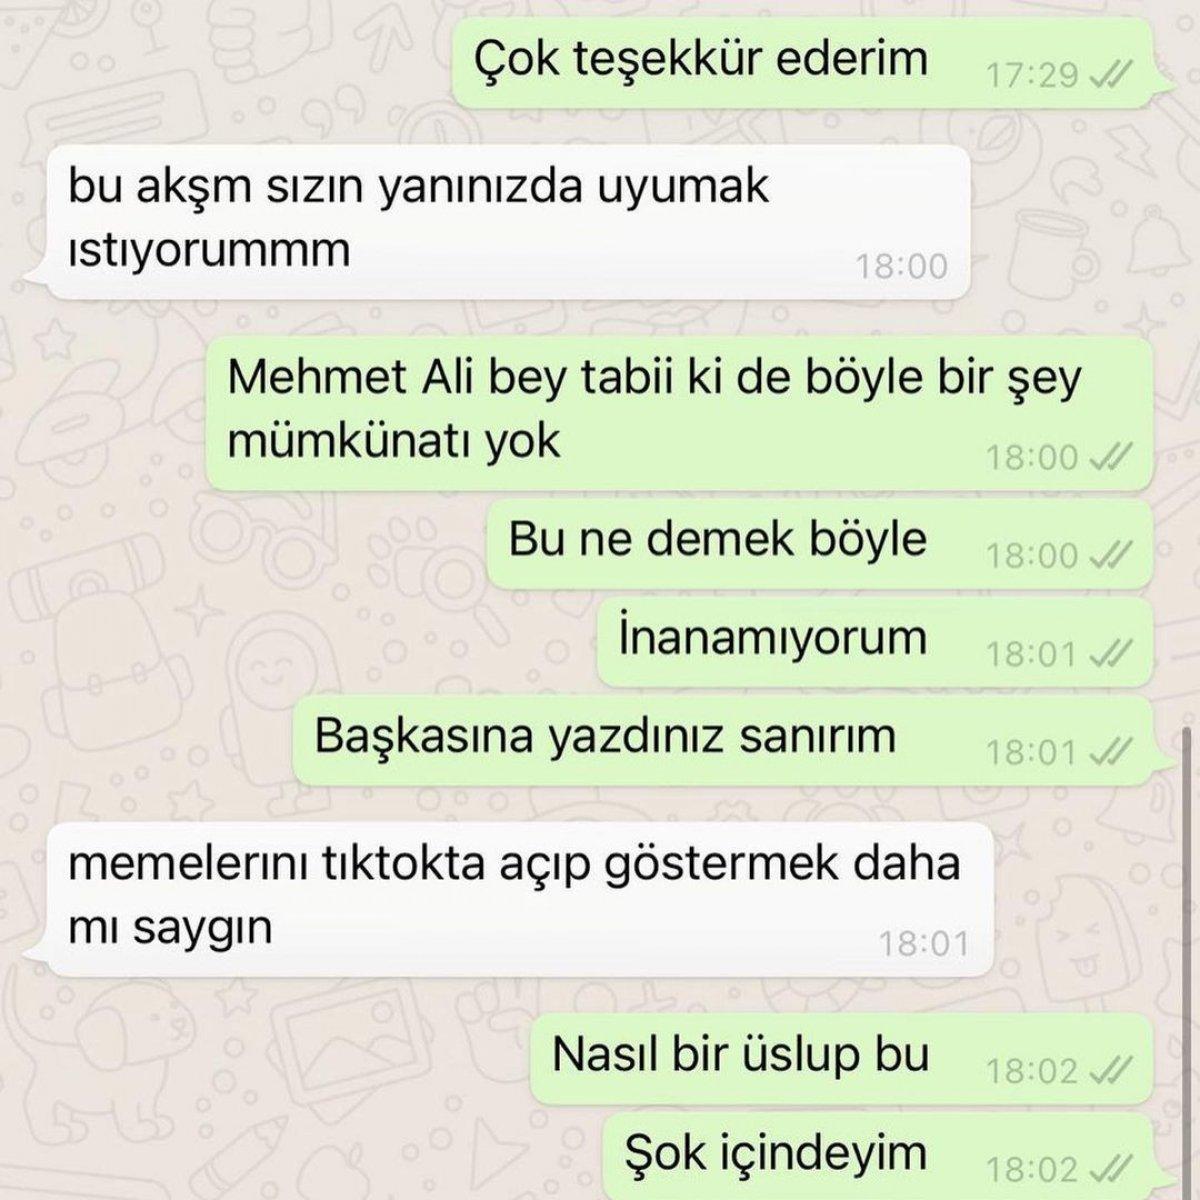 Ece Ronay, Mehmet Ali Erbil tarafından taciz edildiğini açıkladı #2